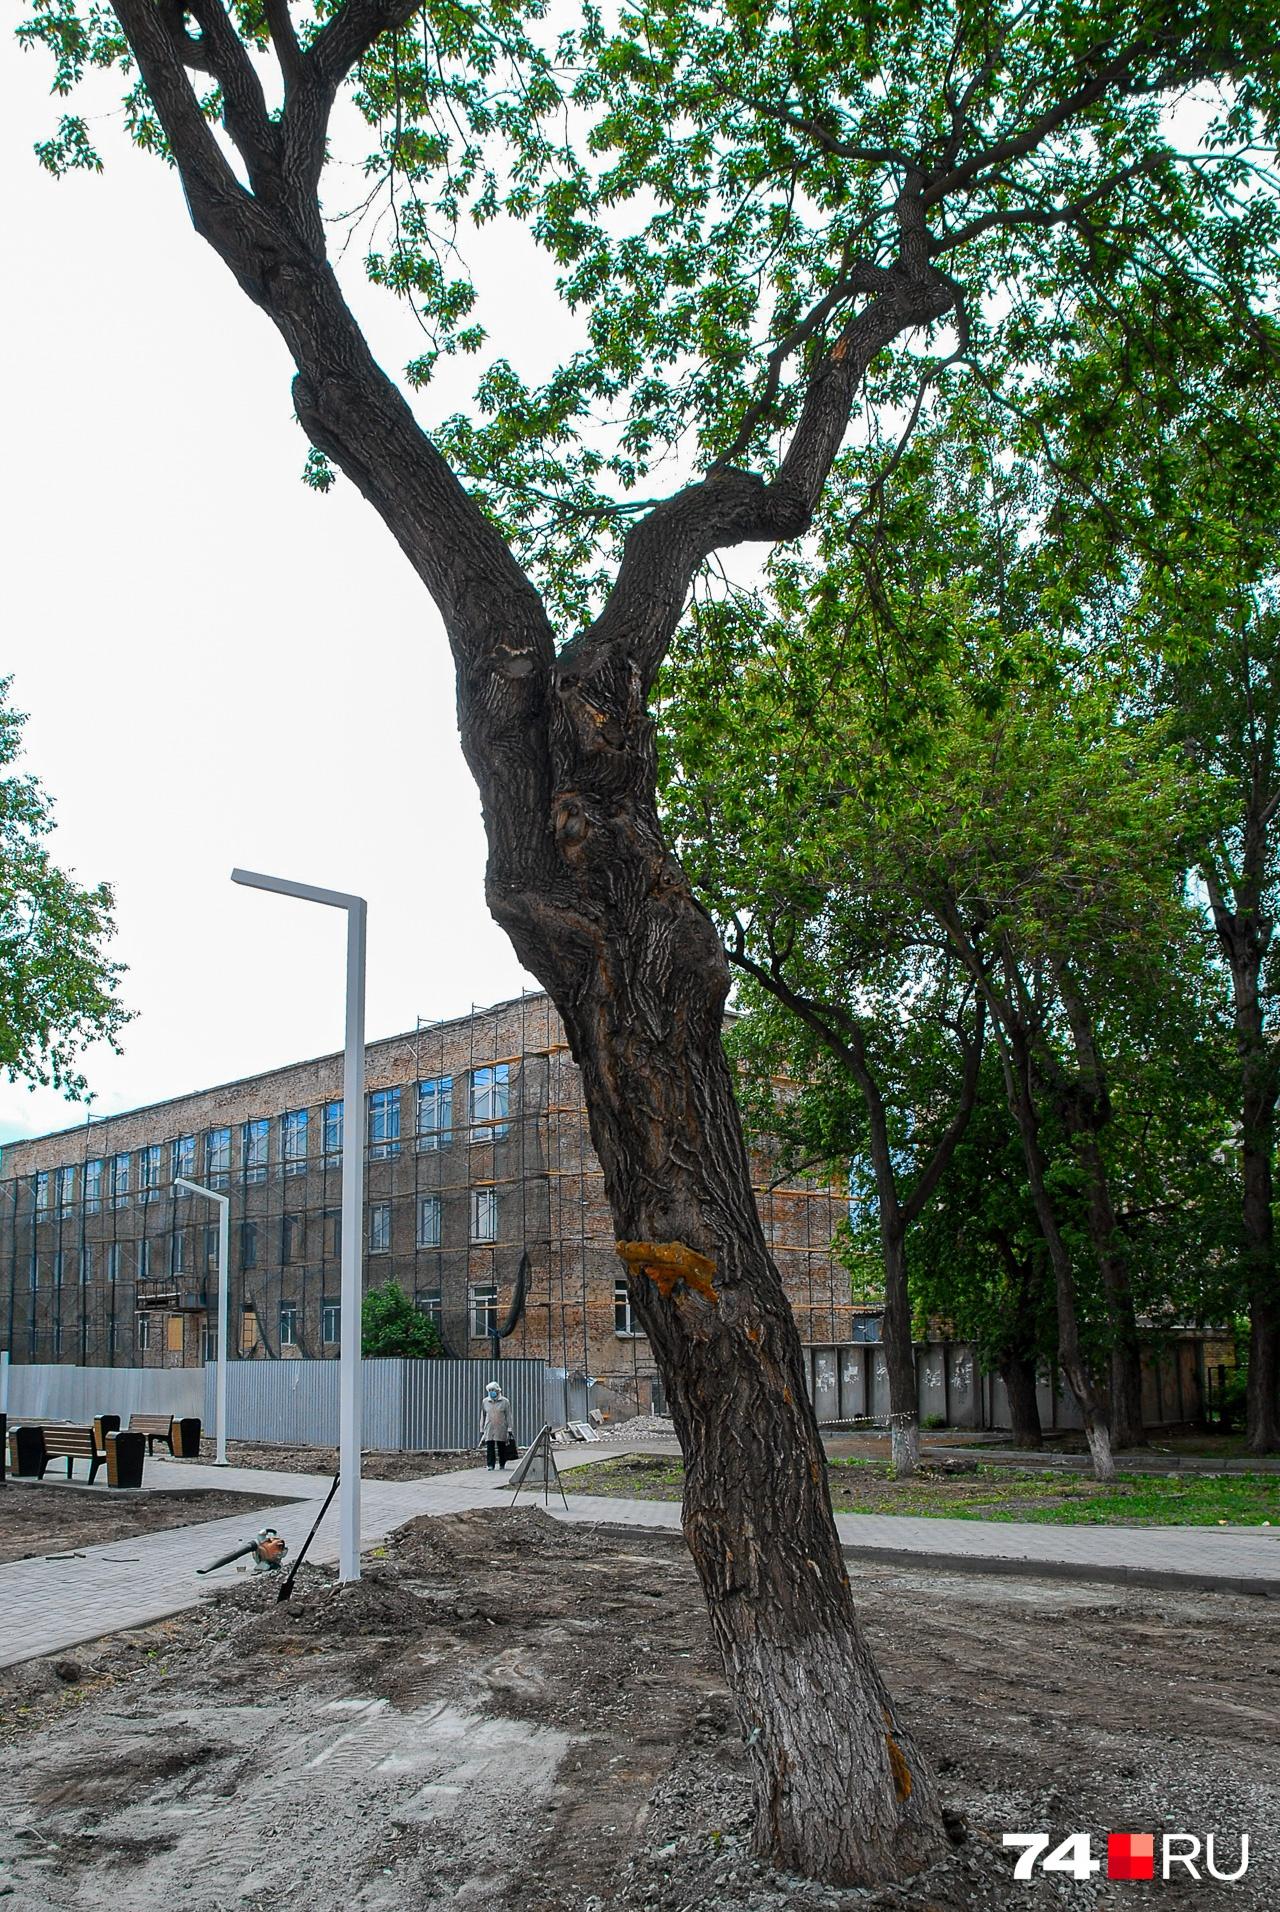 Карагач, или вяз приземистый — популярное в Челябинске дерево. Правда, специалисты по озеленению отзываются о нём не слишком высоко. Карагачи не очень красивы и часто ломаются